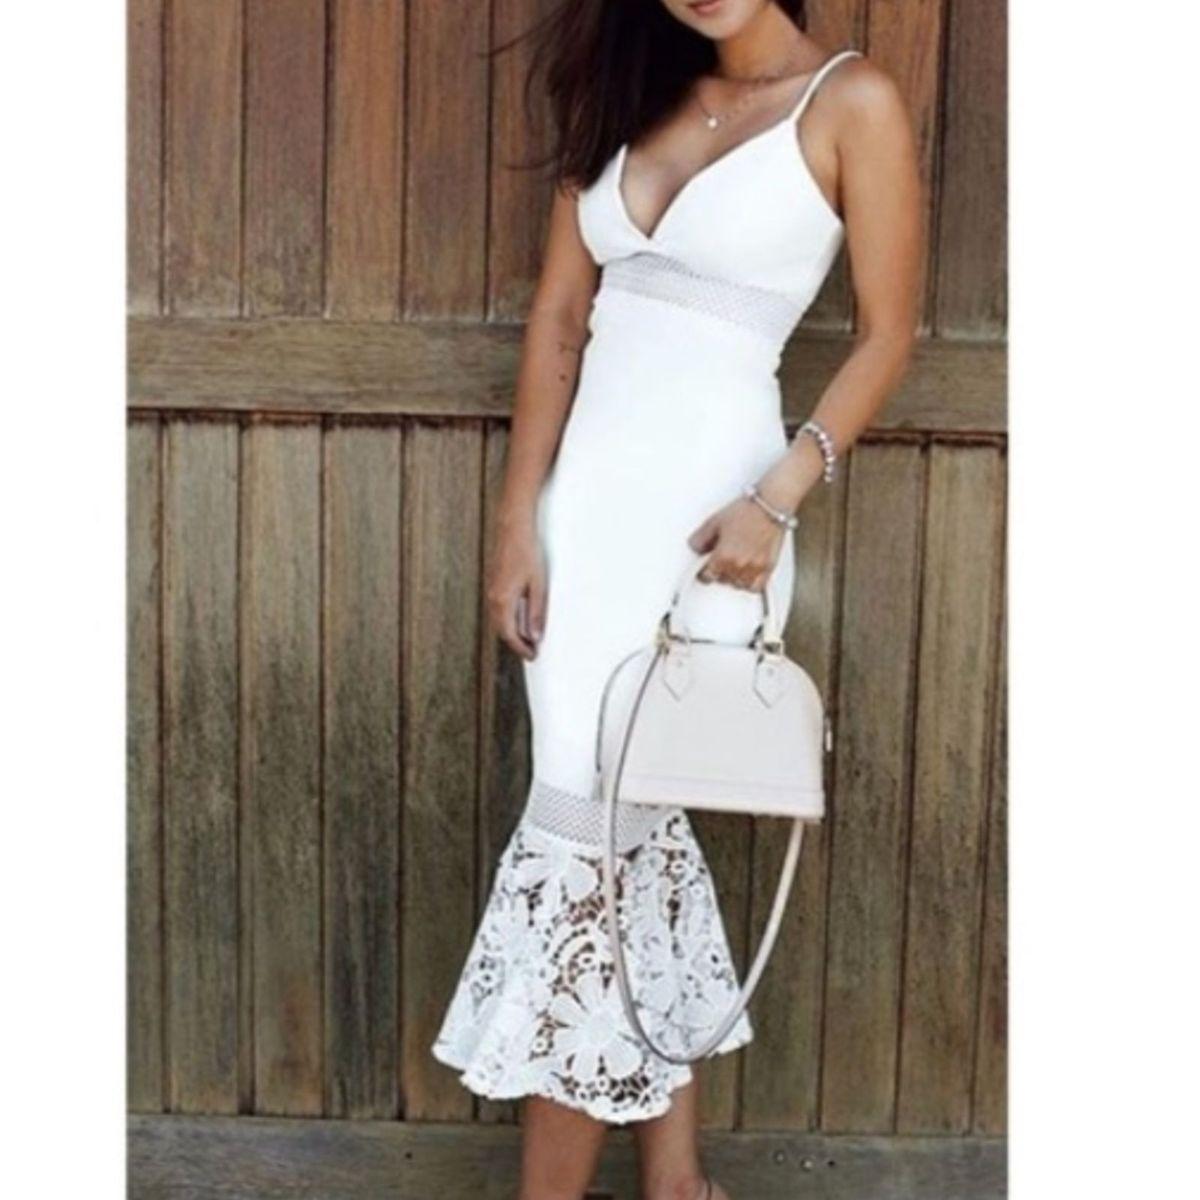 f22a05c6e Vestido Branco Zen Midi Sereia com Guipir | Vestido Feminino Zen Nunca  Usado 27995244 | enjoei